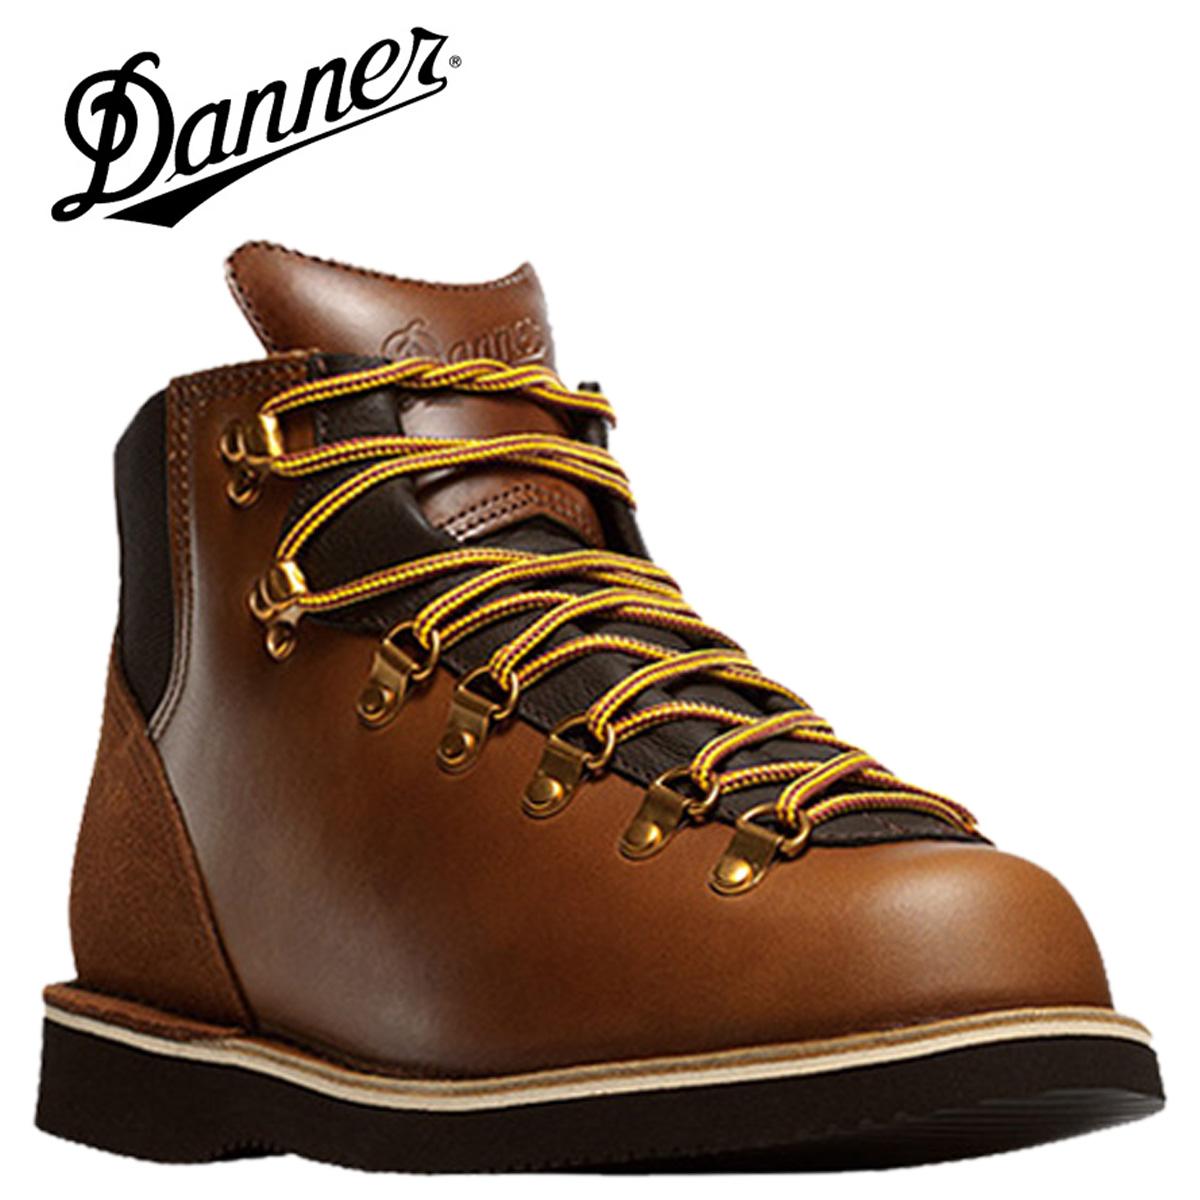 格安販売の DANNER 1845 ダナー ブーツ VERTIGO 1845 1845 ダナー 33112 EEワイズ 33112 メンズ, 即納!最大半額!:4c56d6e8 --- portalitab2.dominiotemporario.com